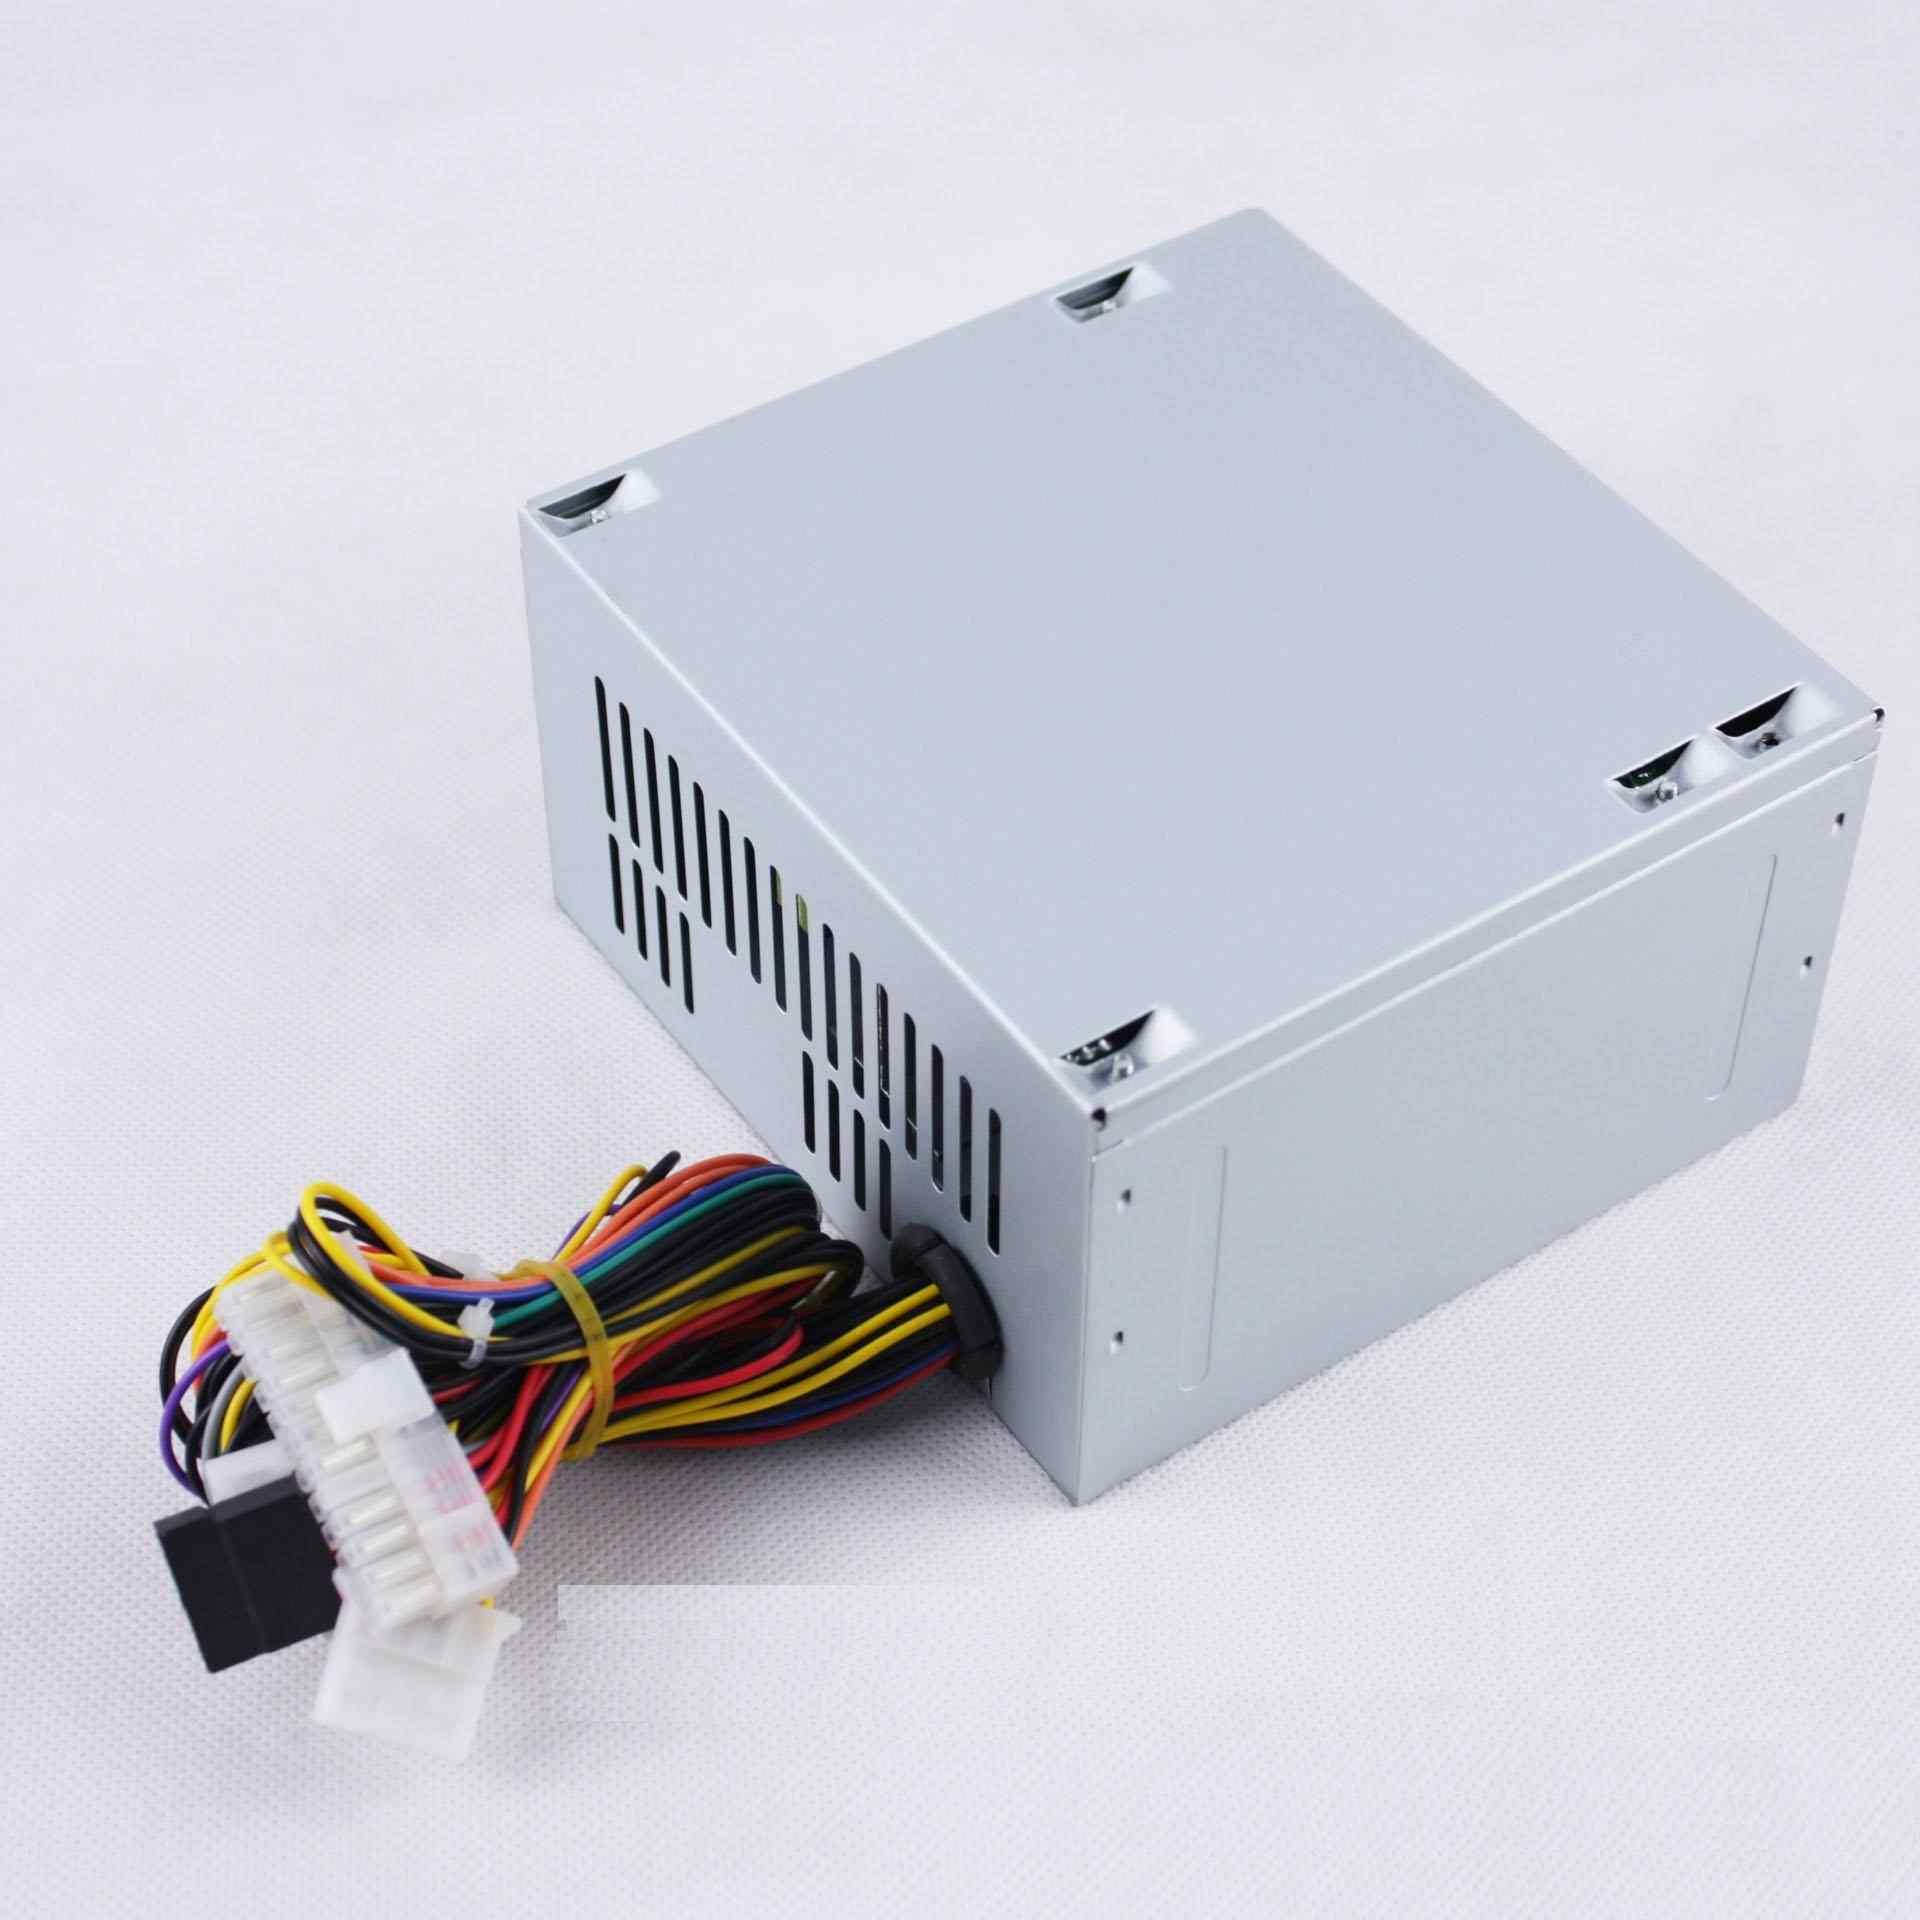 Concord C-874 200W Power Supply 8cm Fan Güç Kaynağı